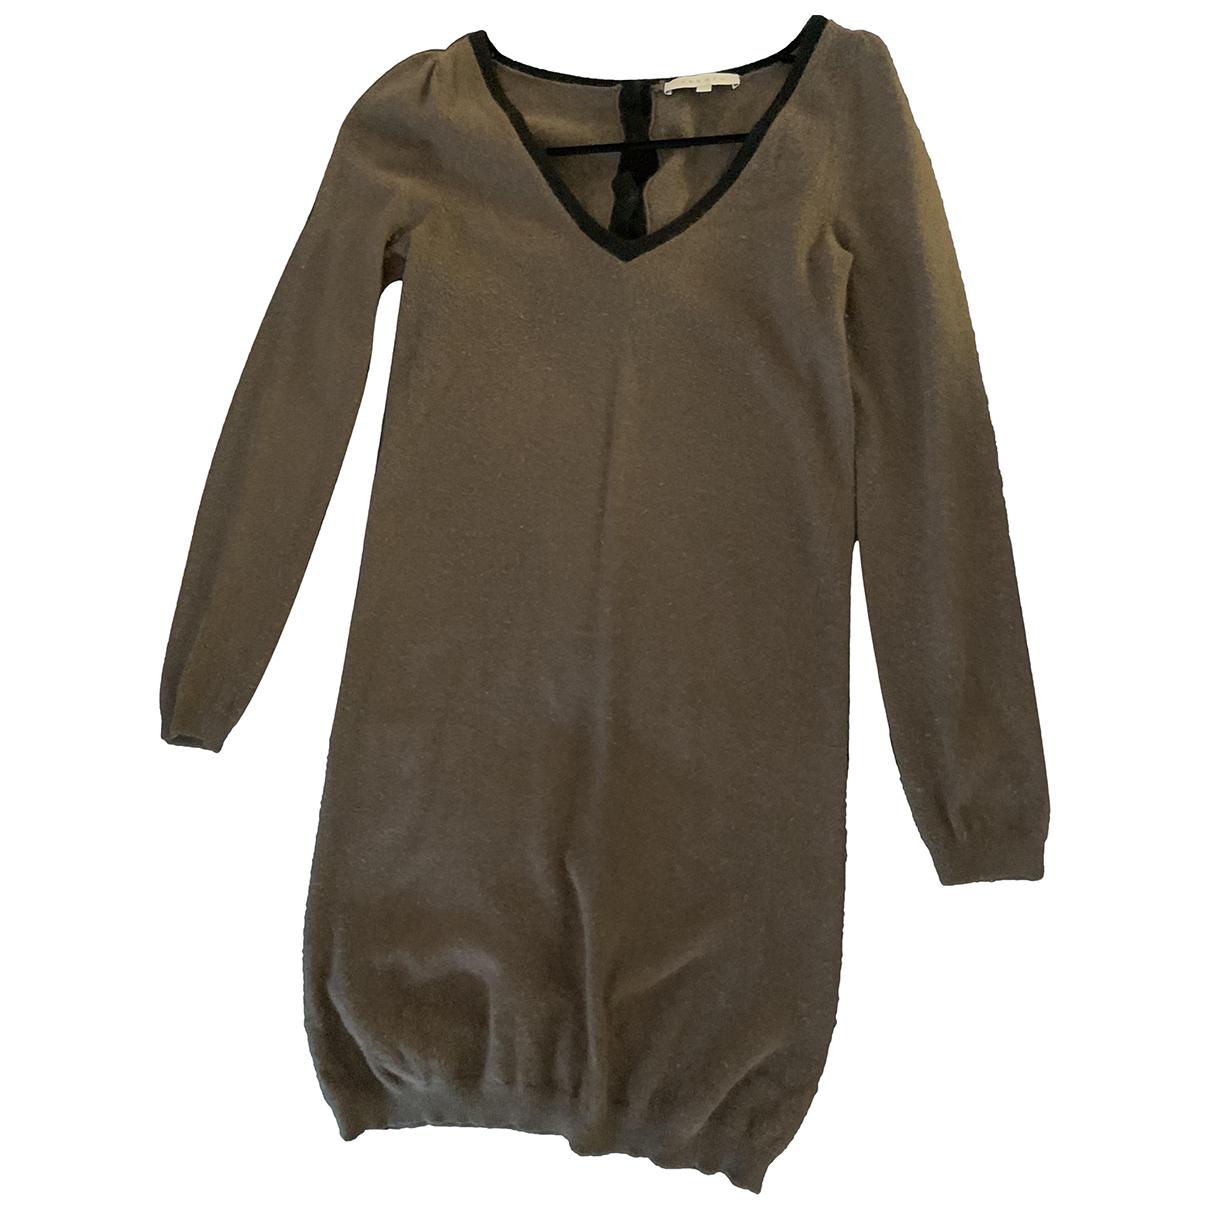 Sandro \N Kleid in  Khaki Wolle